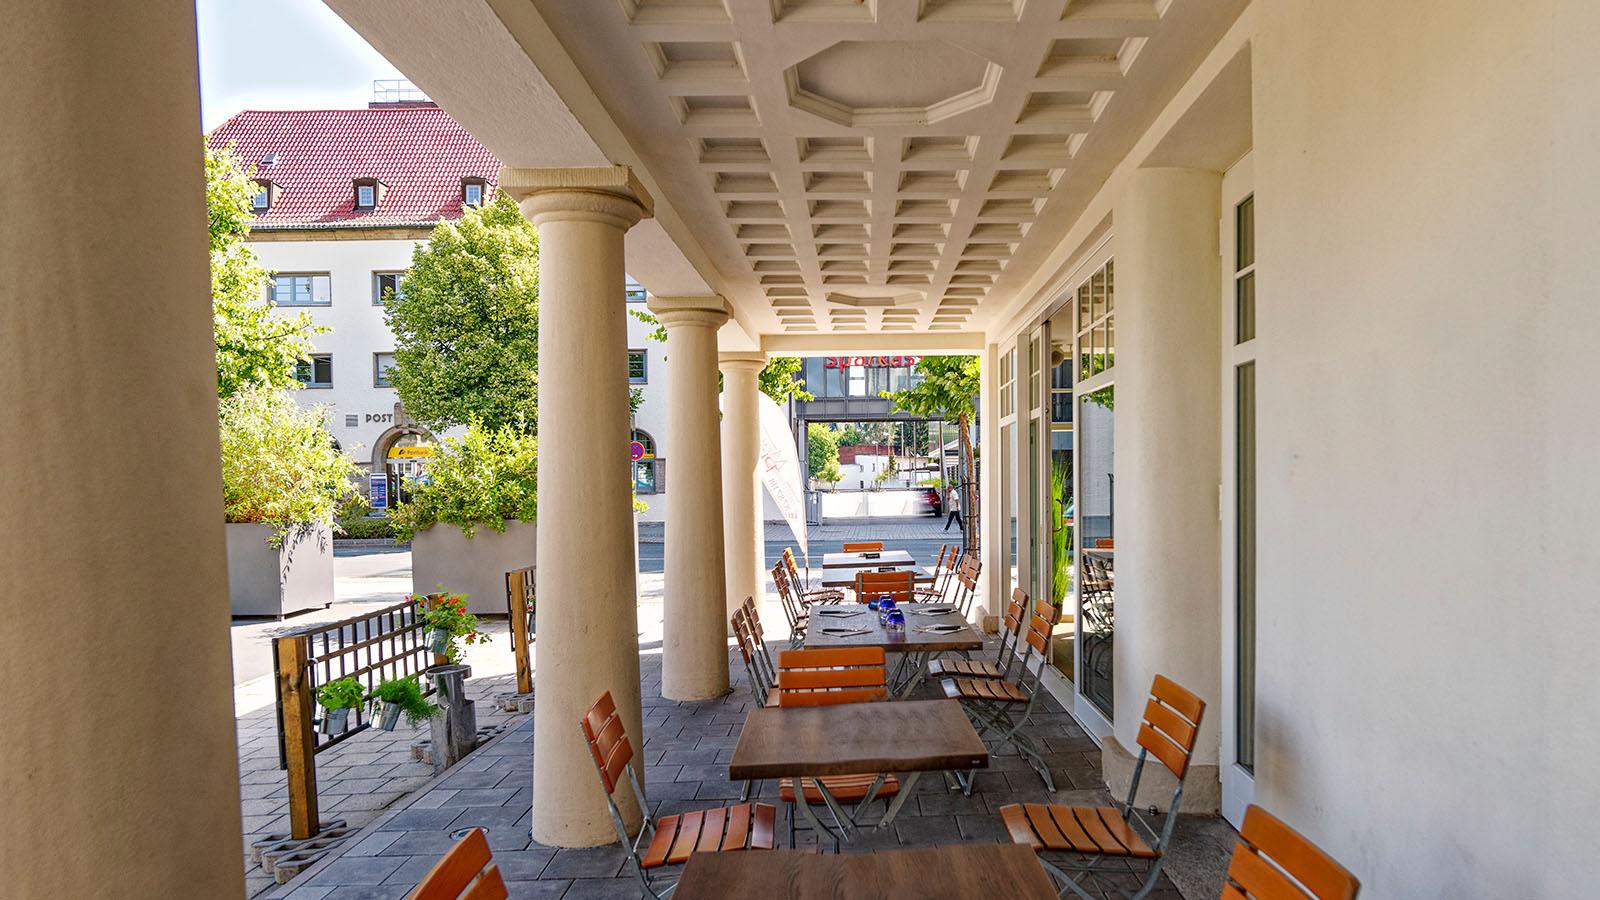 h2m-pfoertnerhaus-alte-spinnerei-kulmbach-denkmalschutz-sanierung-fassade-terrasse-saeulen